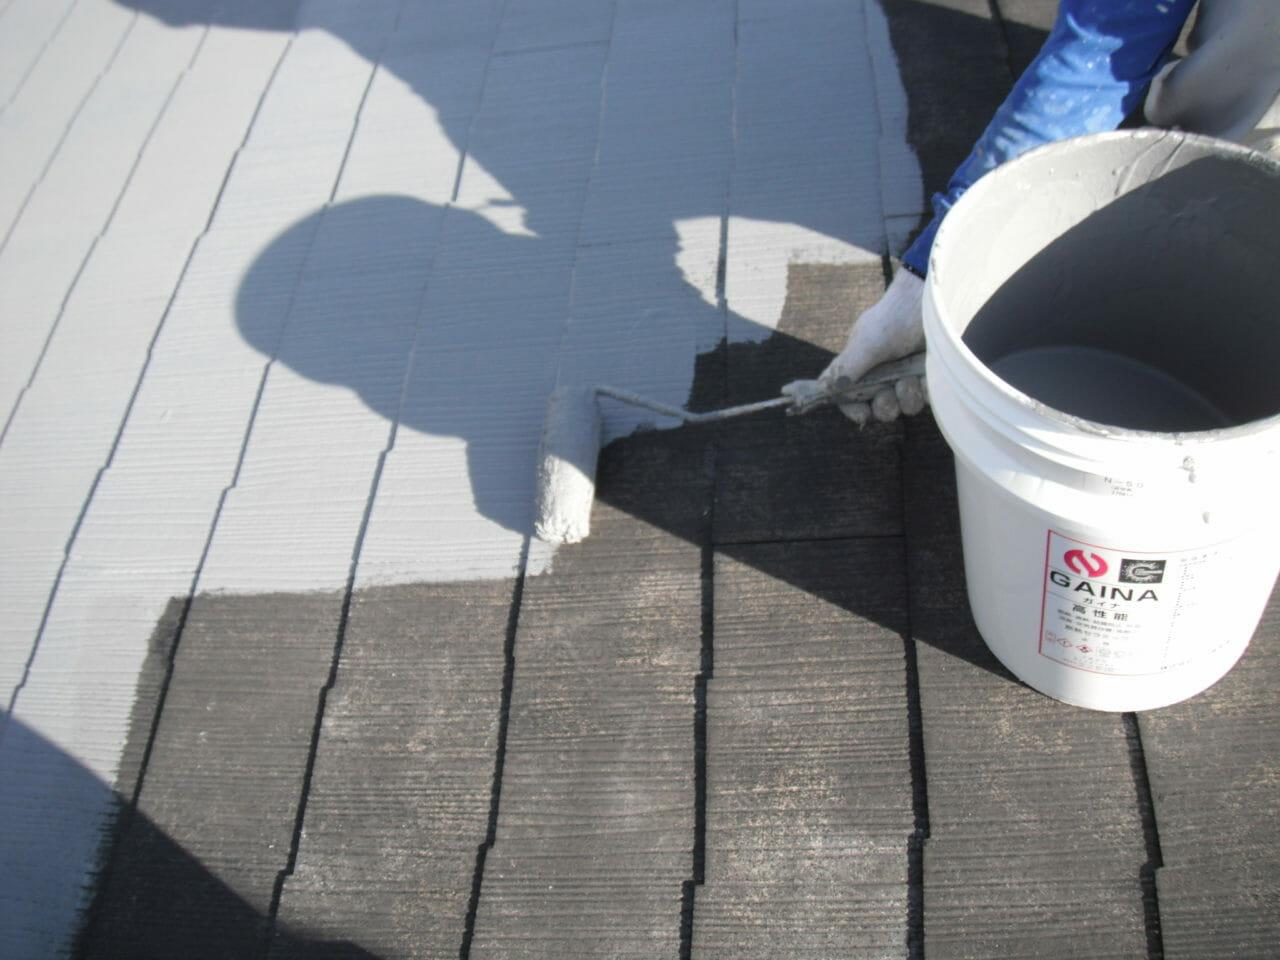 外壁塗装の防音対策は塗料にお任せ!優れた効果で雑音をシャットアウト